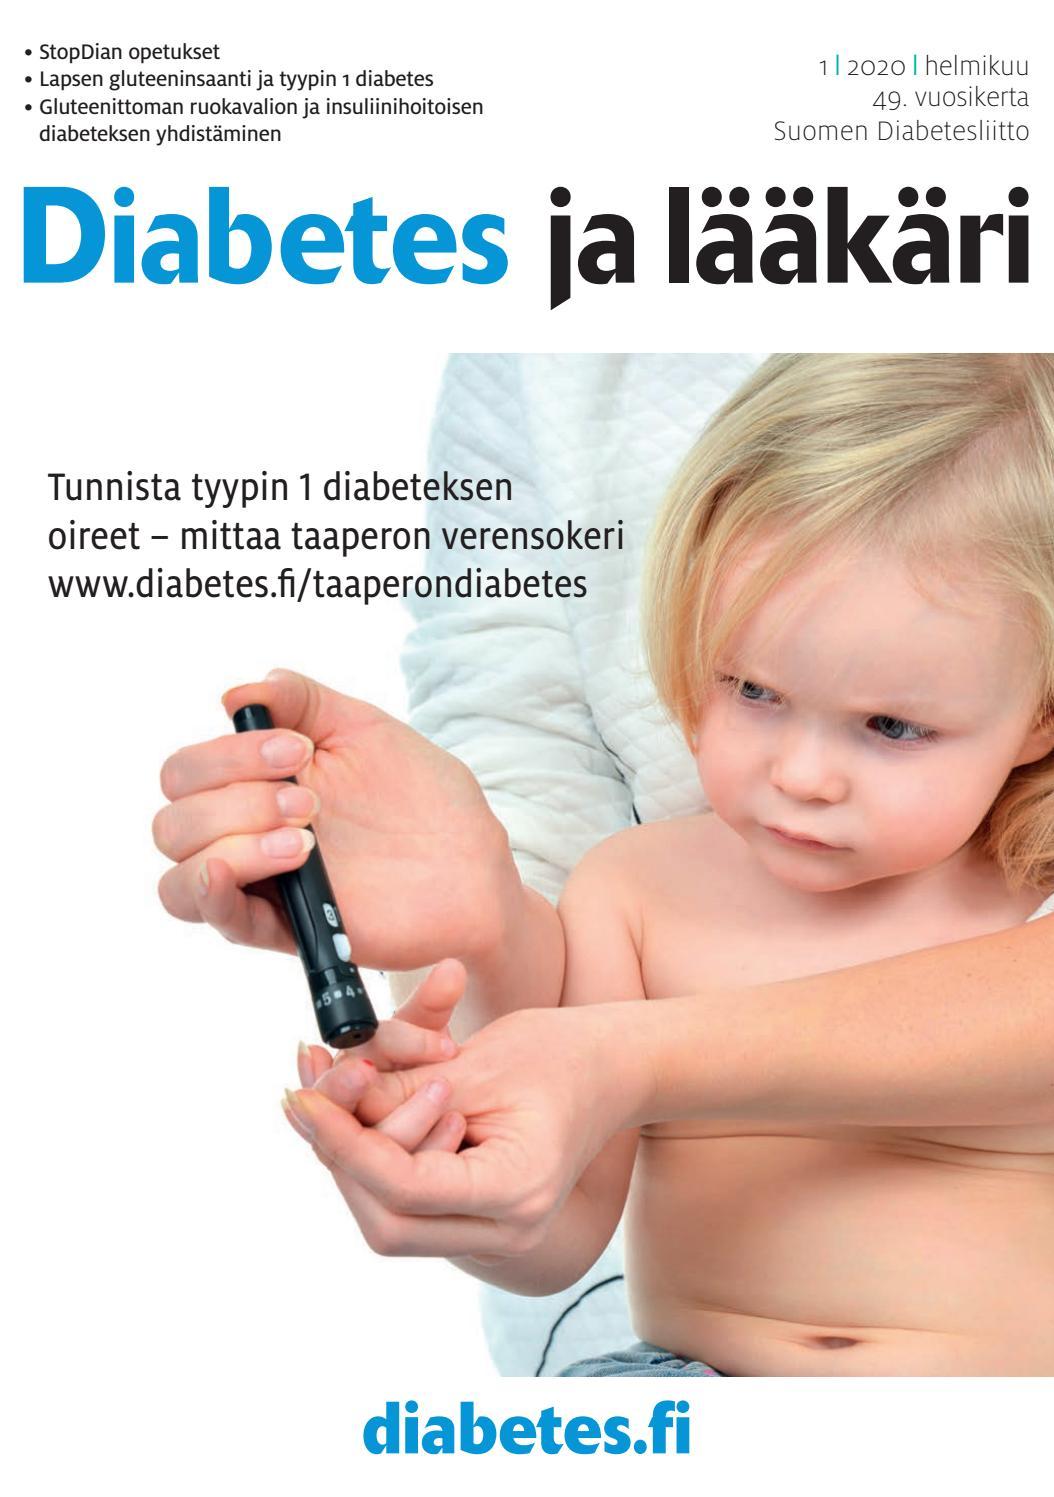 tyypin 1 diabetes esiintyvyys